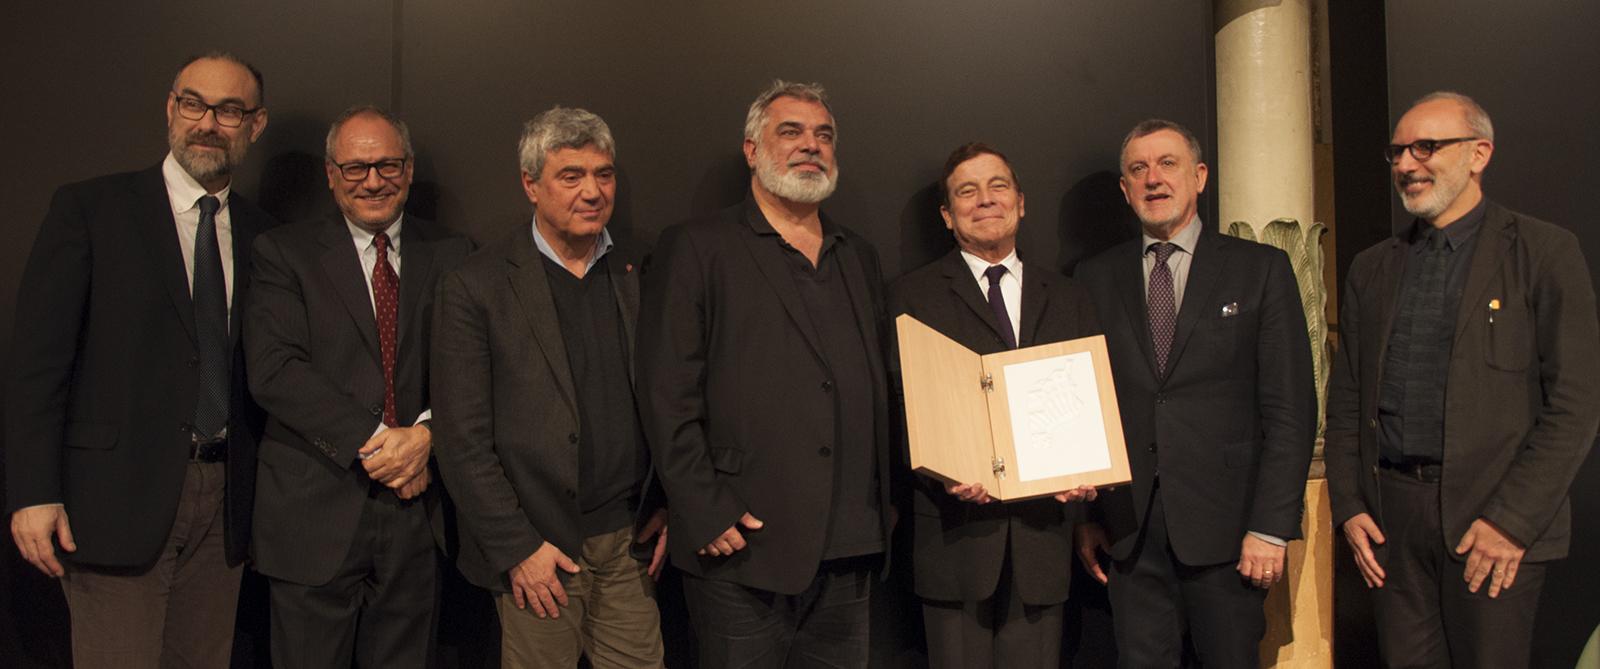 Consegna del Piranesi Prix de Rome ad Alberto campo Baeza